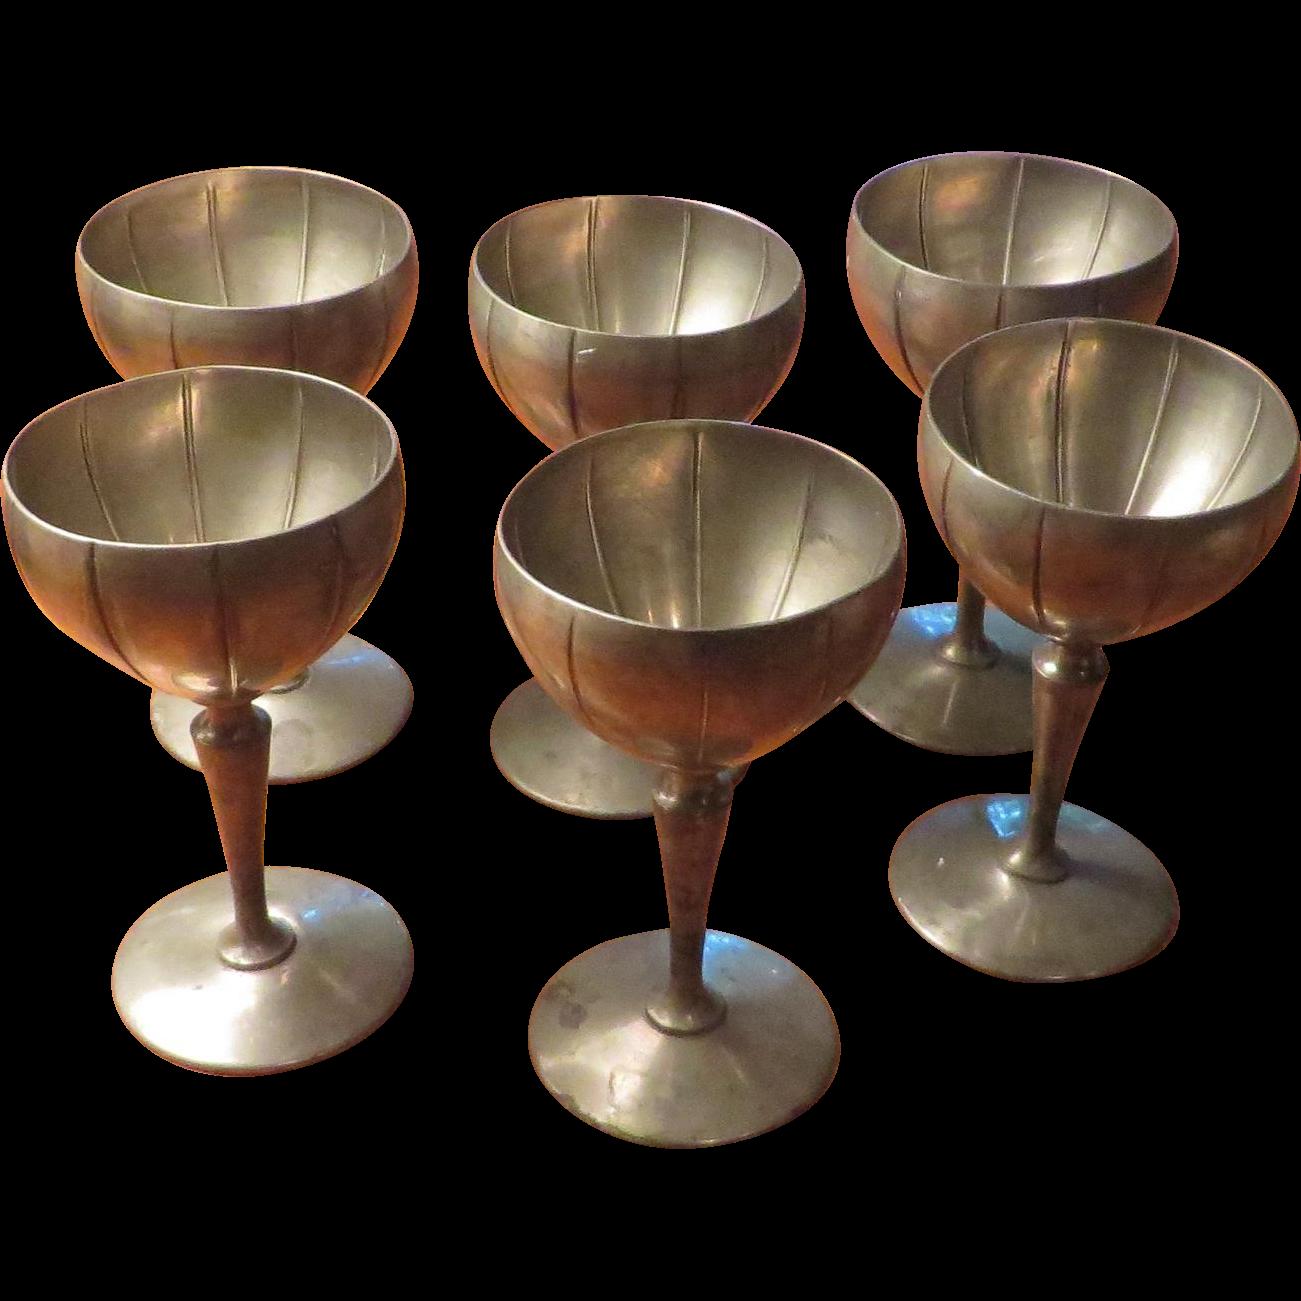 Set of 6 K.S.Co. Pewter Goblets